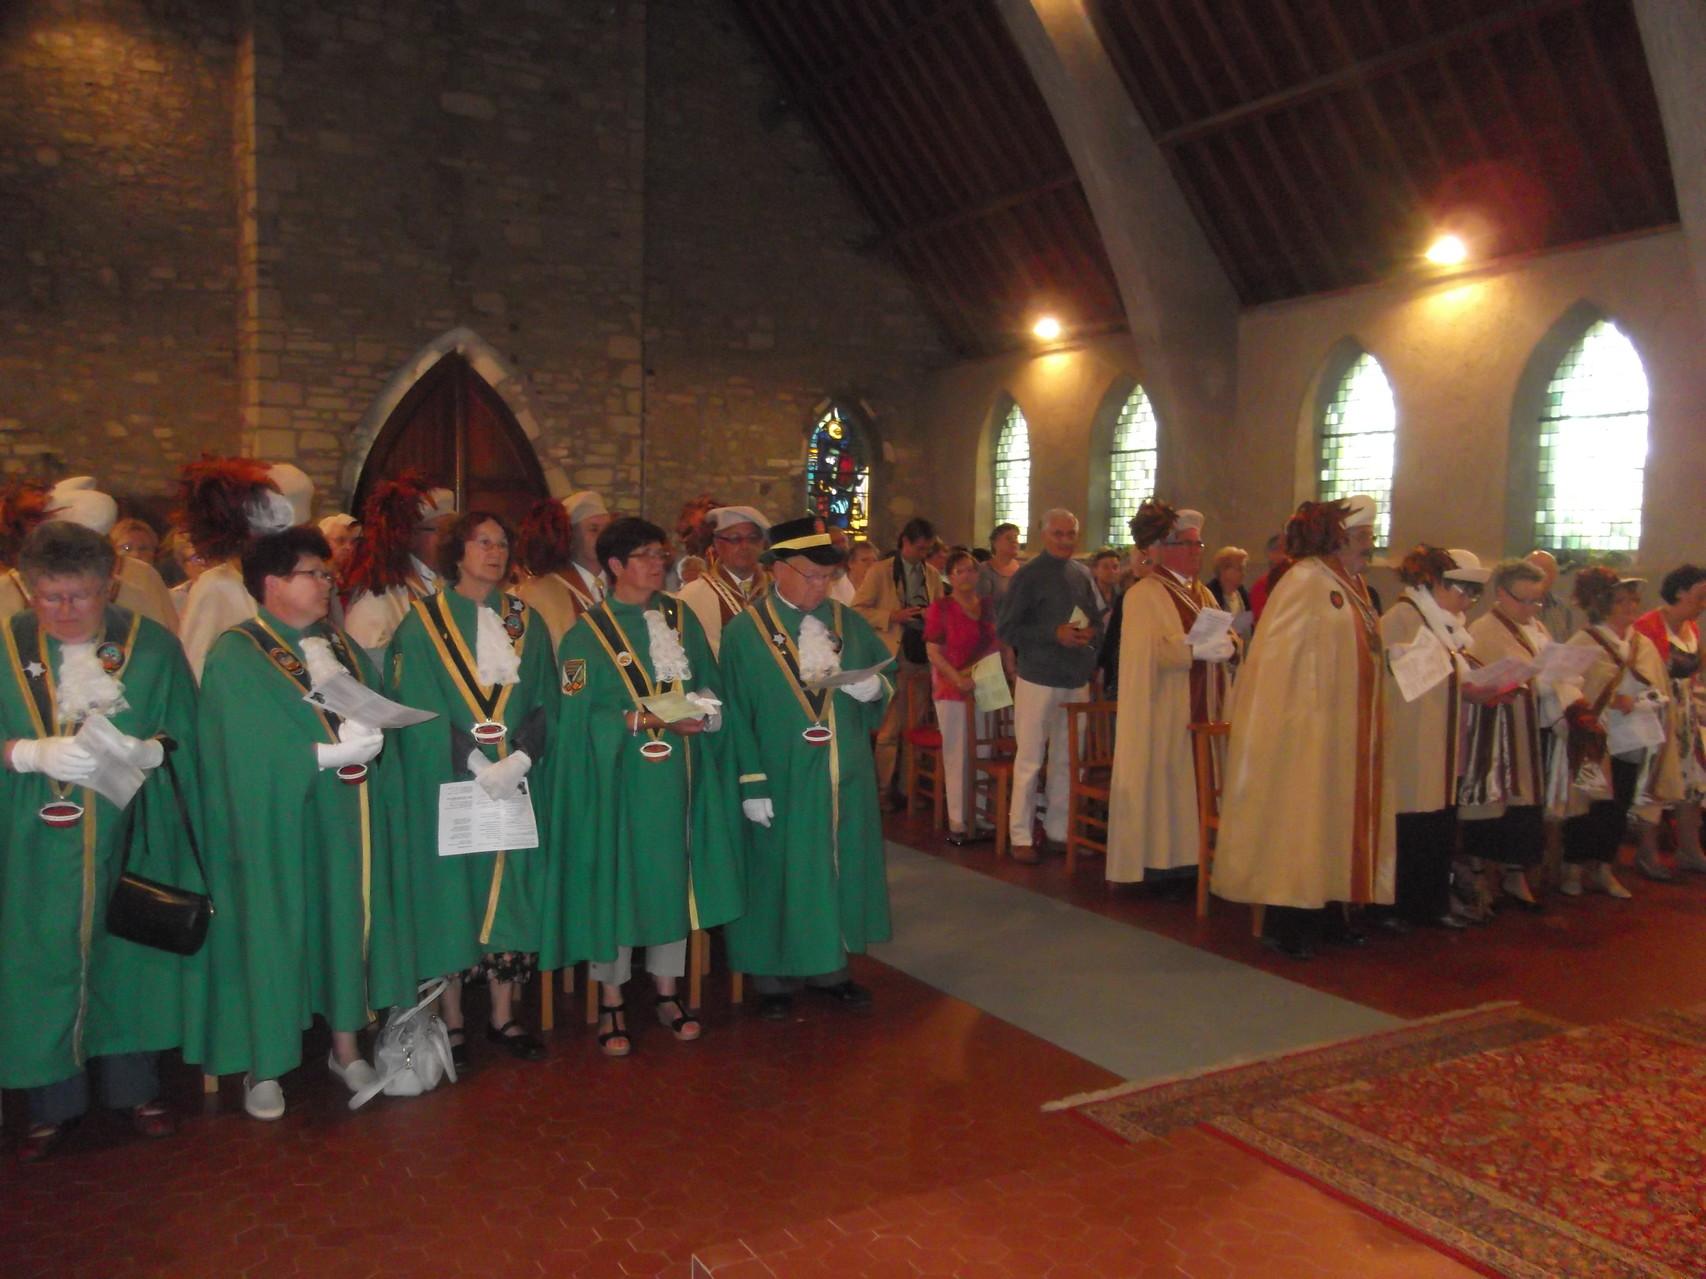 Les confréries dans l'église le jour de la fête du pain 2014